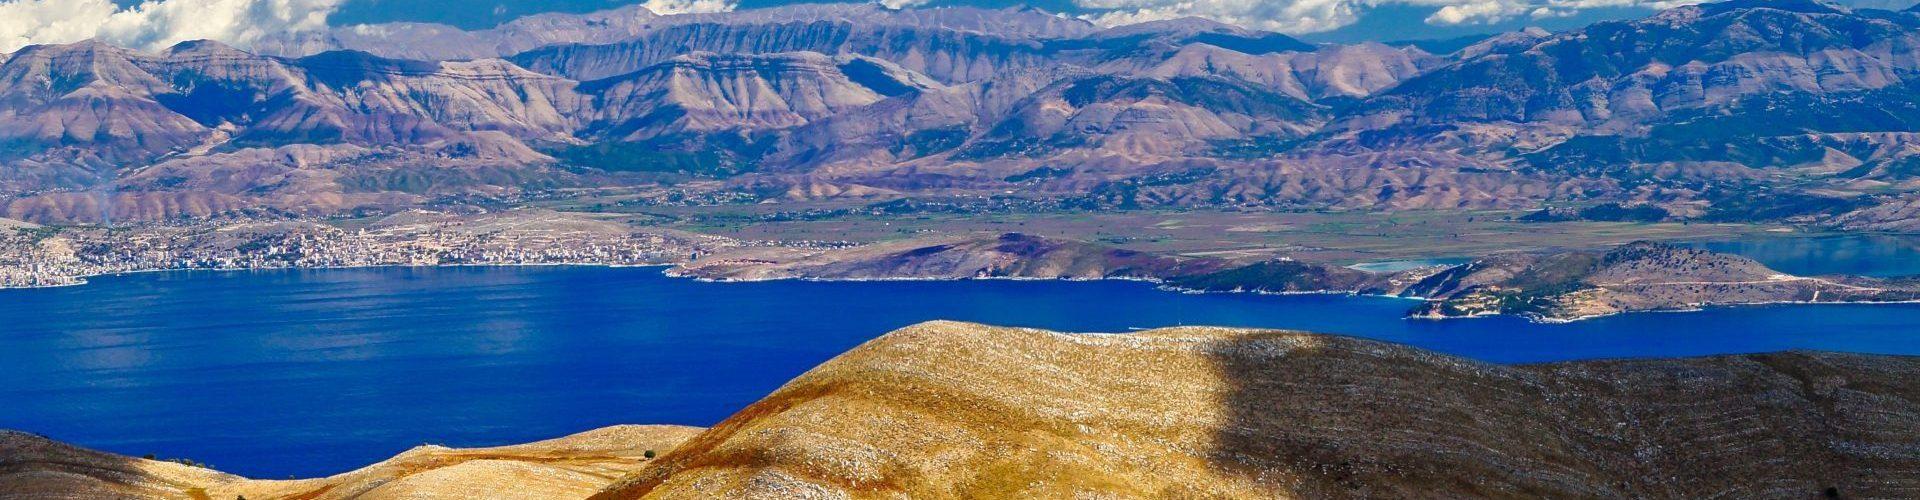 Κέρκυρα - Εκδρομές στην Ελλάδα και το Εξωτερικό, Αεροπορικώς, Οδικώς και Ακτοπλοϊκώς! | Prima Holidays